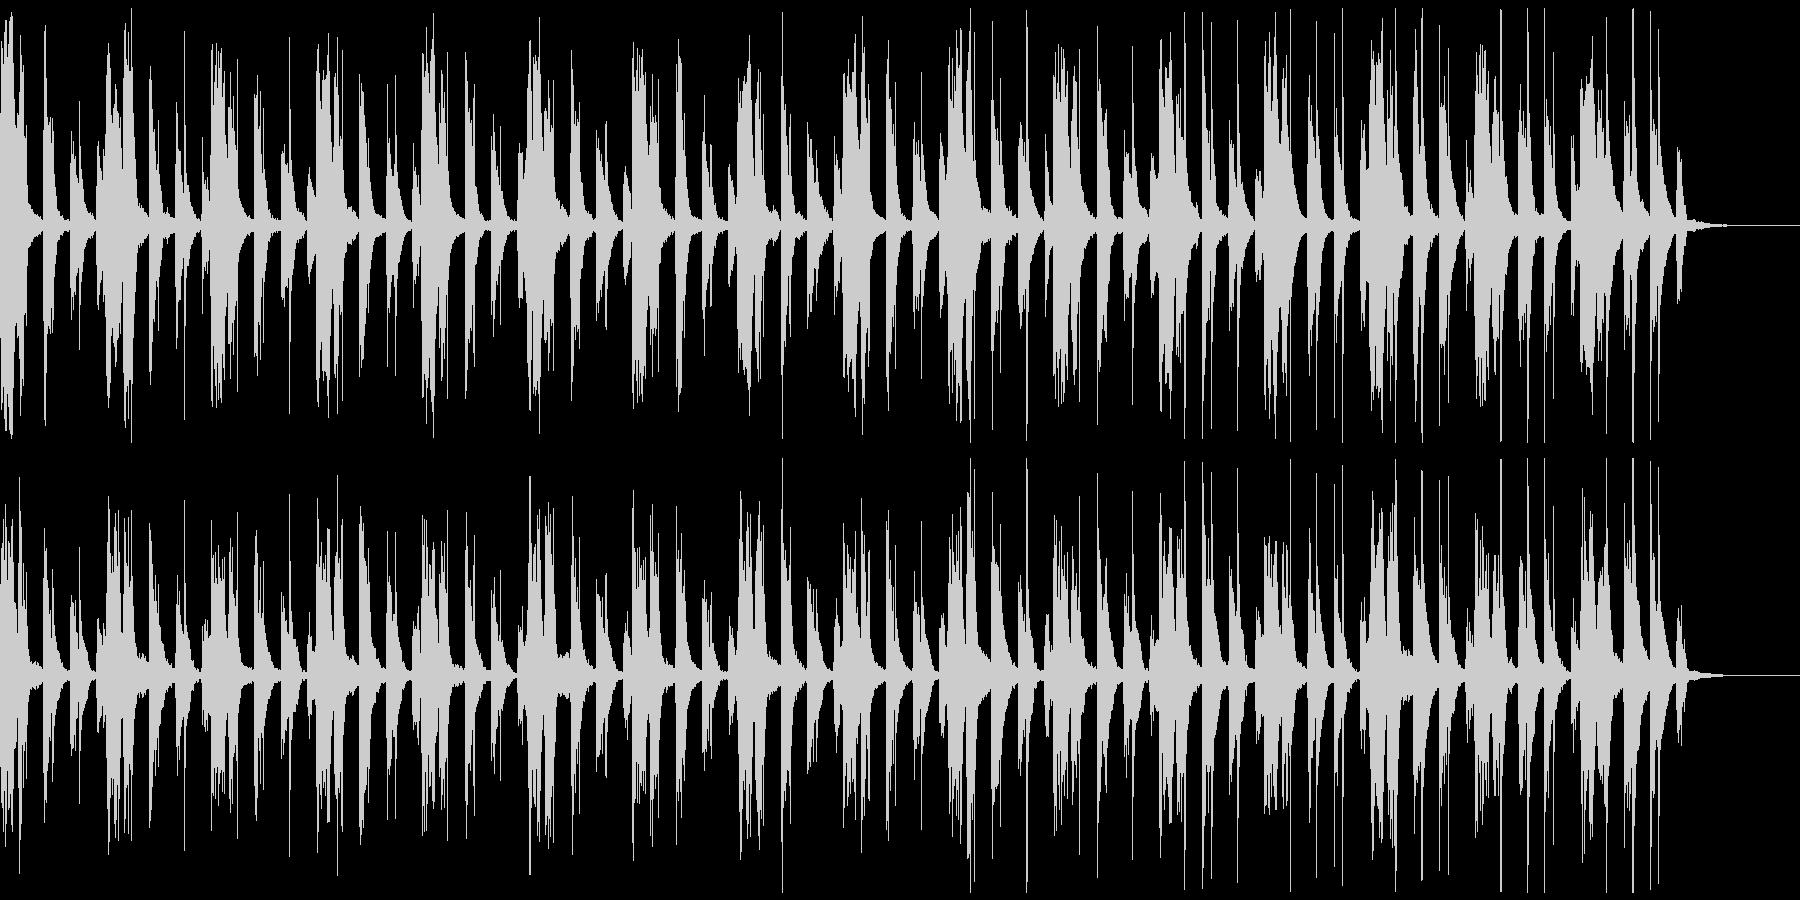 ブラスのシンプルな曲の未再生の波形